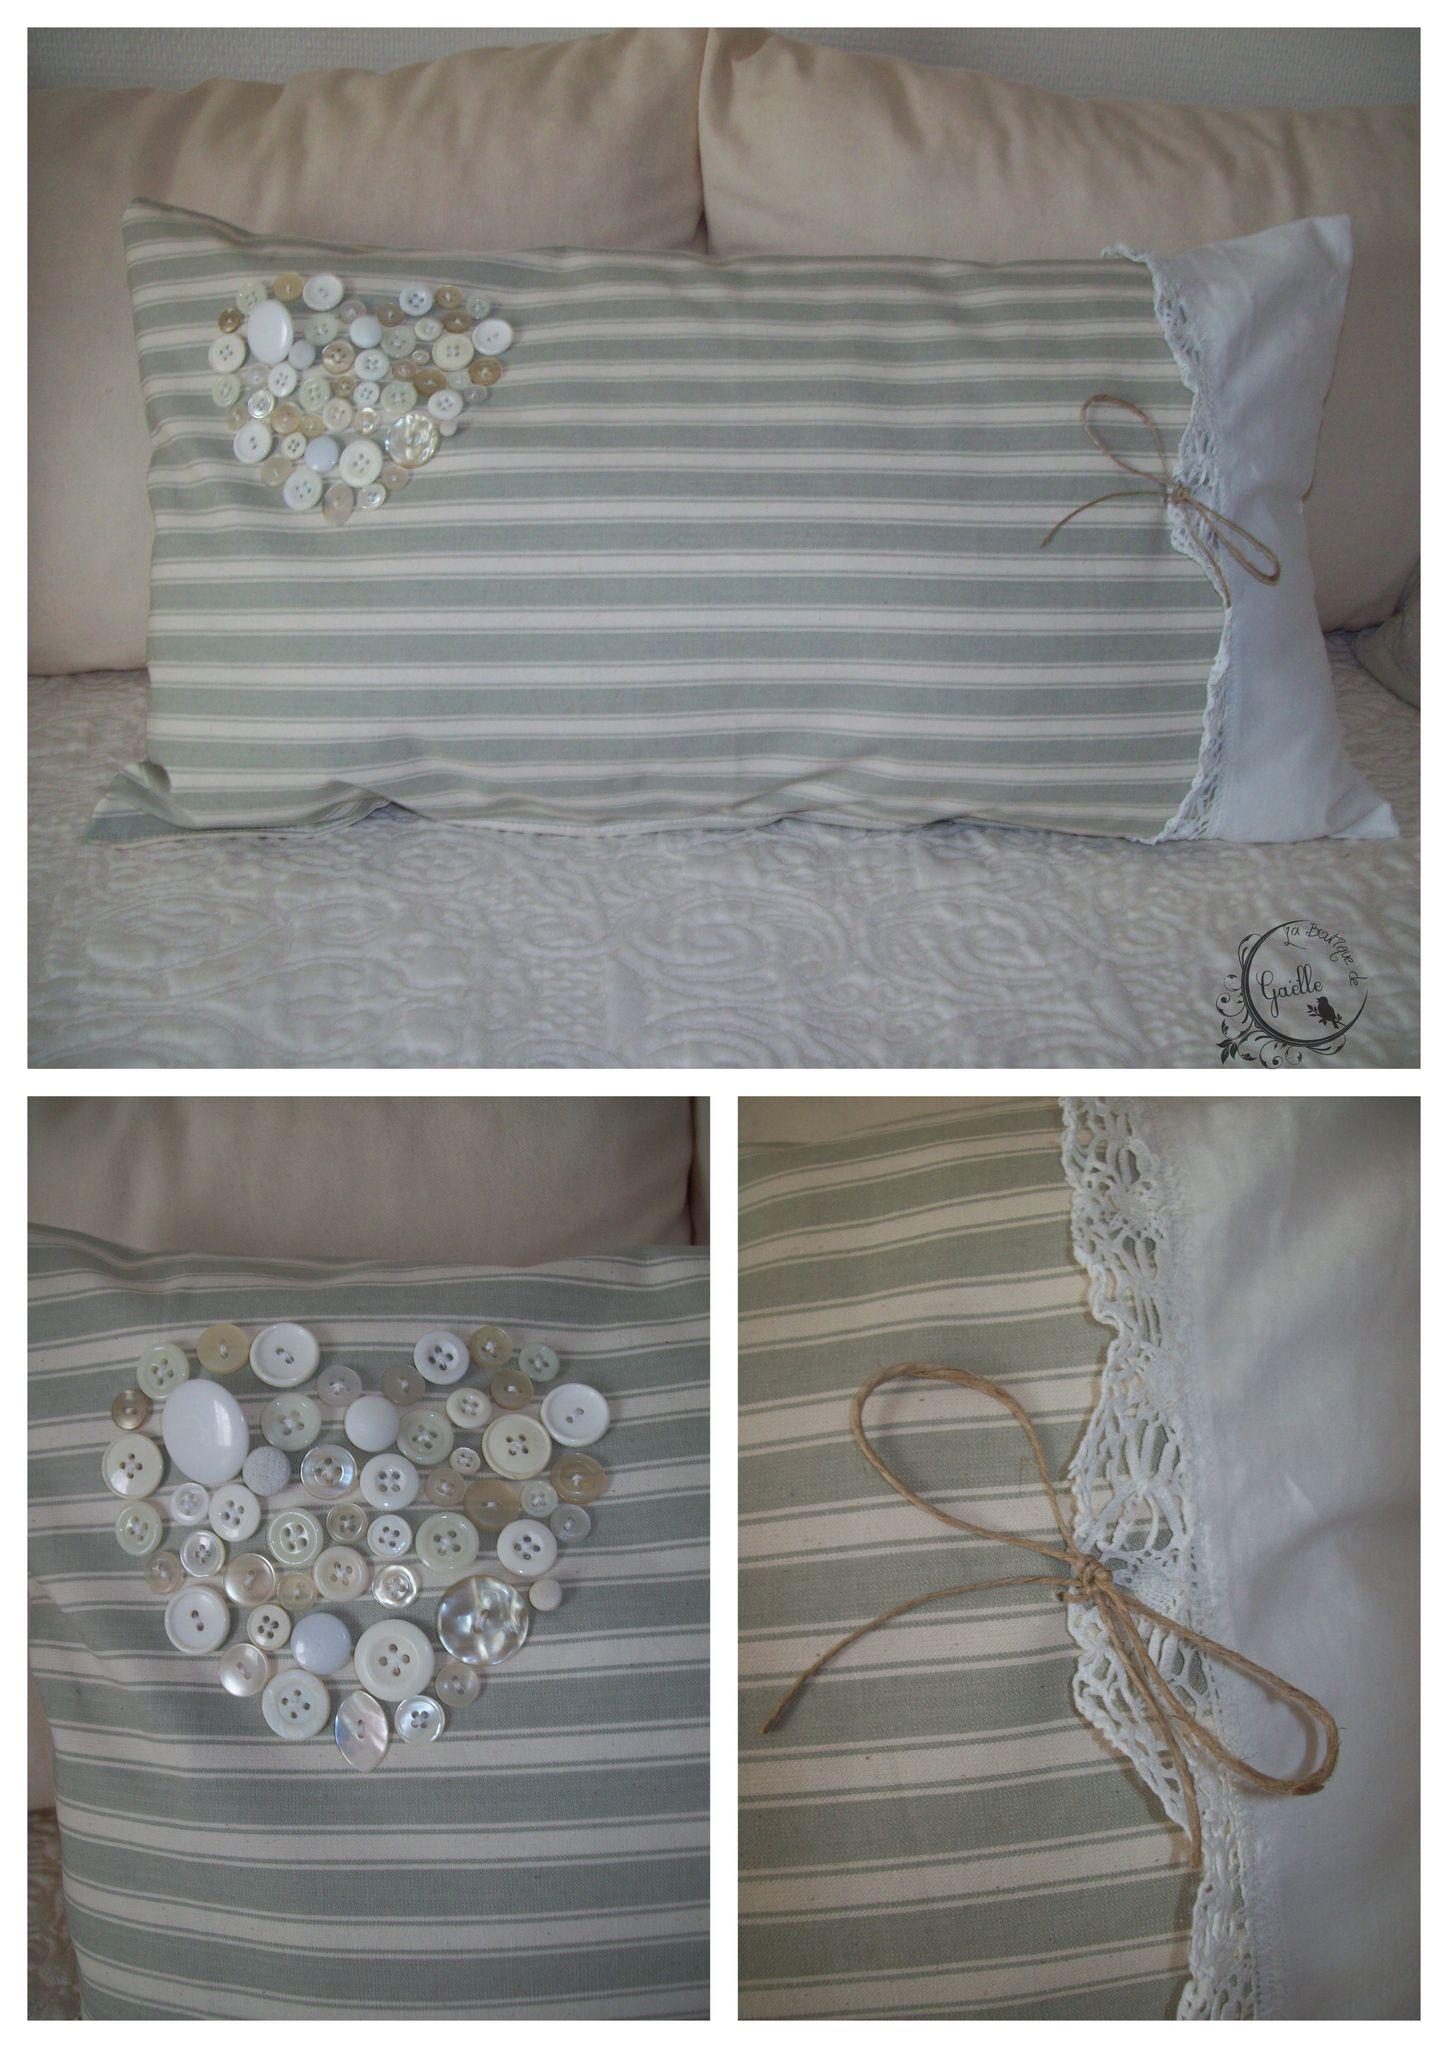 Coussin romantique toile à matelas dentelleet jolis boutons de COUSSINS le